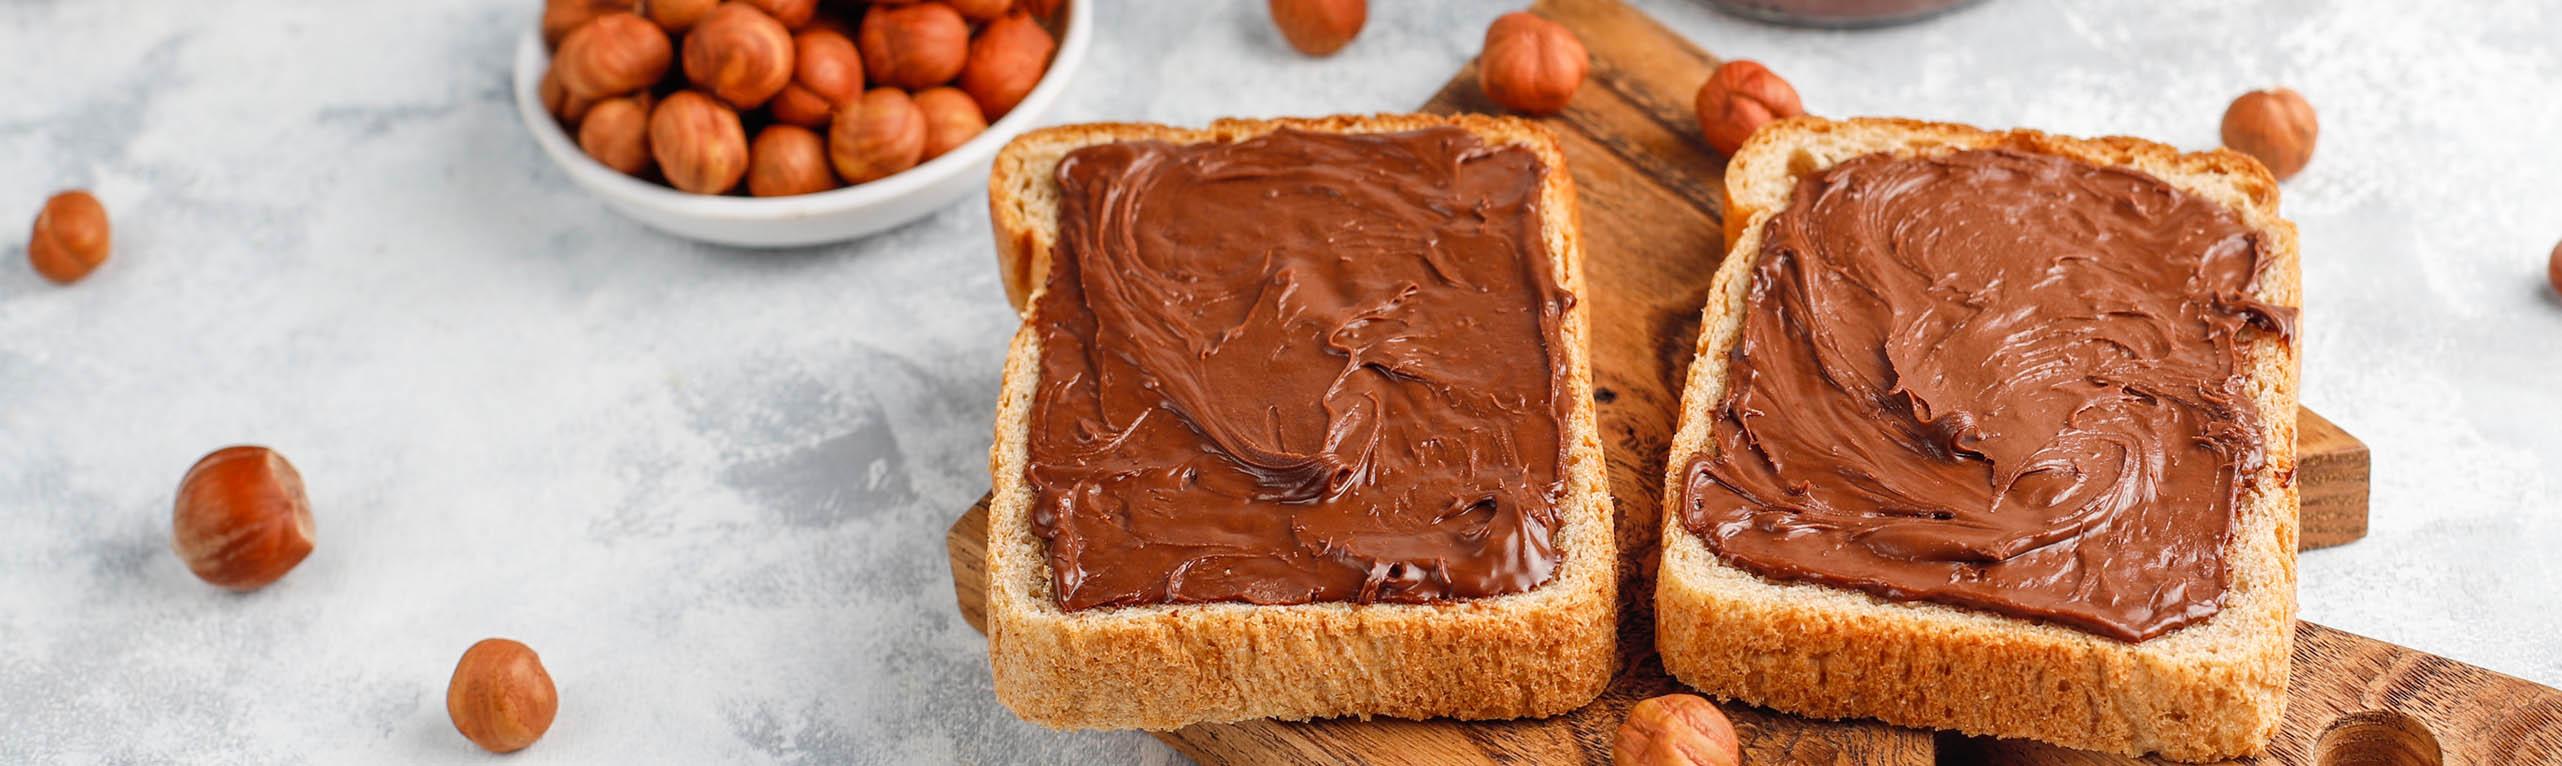 Produkte großer Marken wie Ferrero Nutella